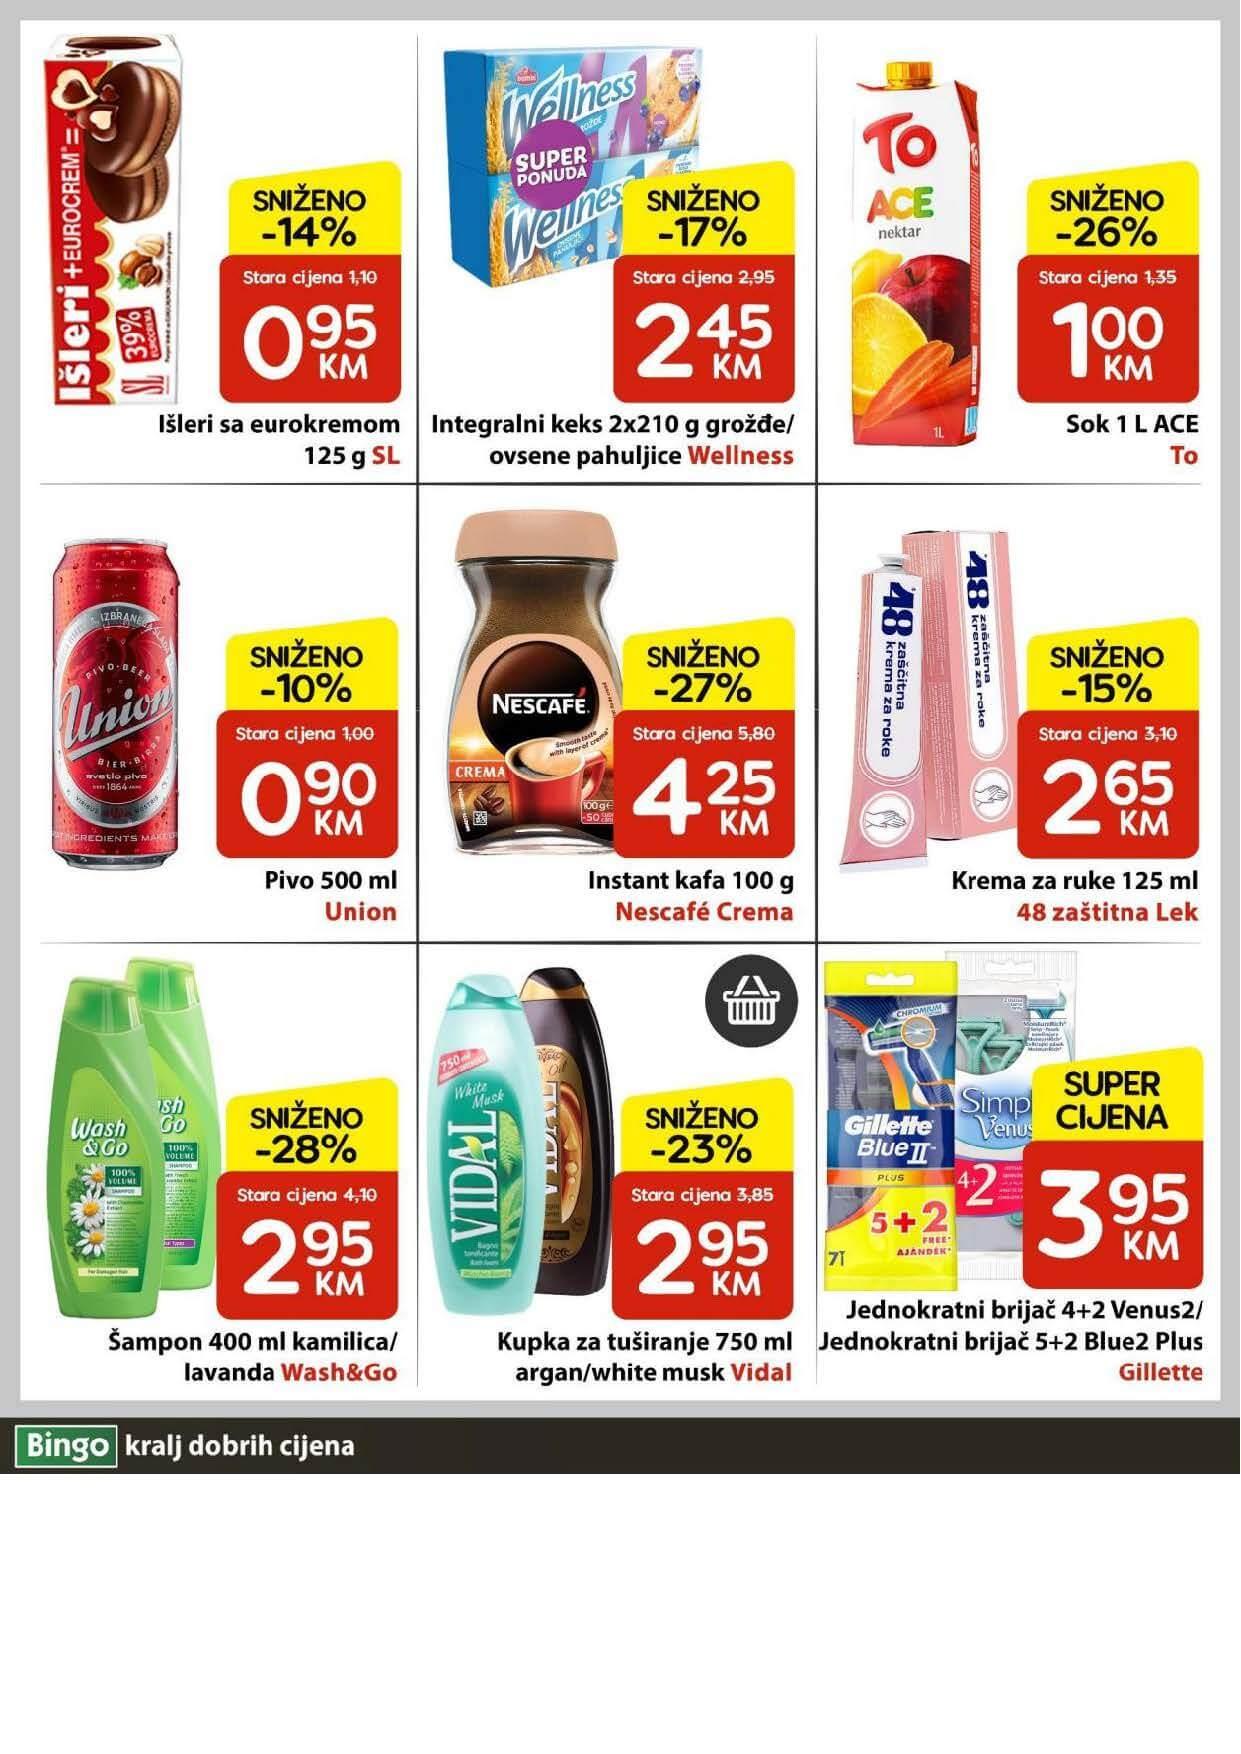 BINGO Katalog U Bingu vikend traje cetiri dana MAJ 2021 27.05.2021. 30.05.2021. Page 4